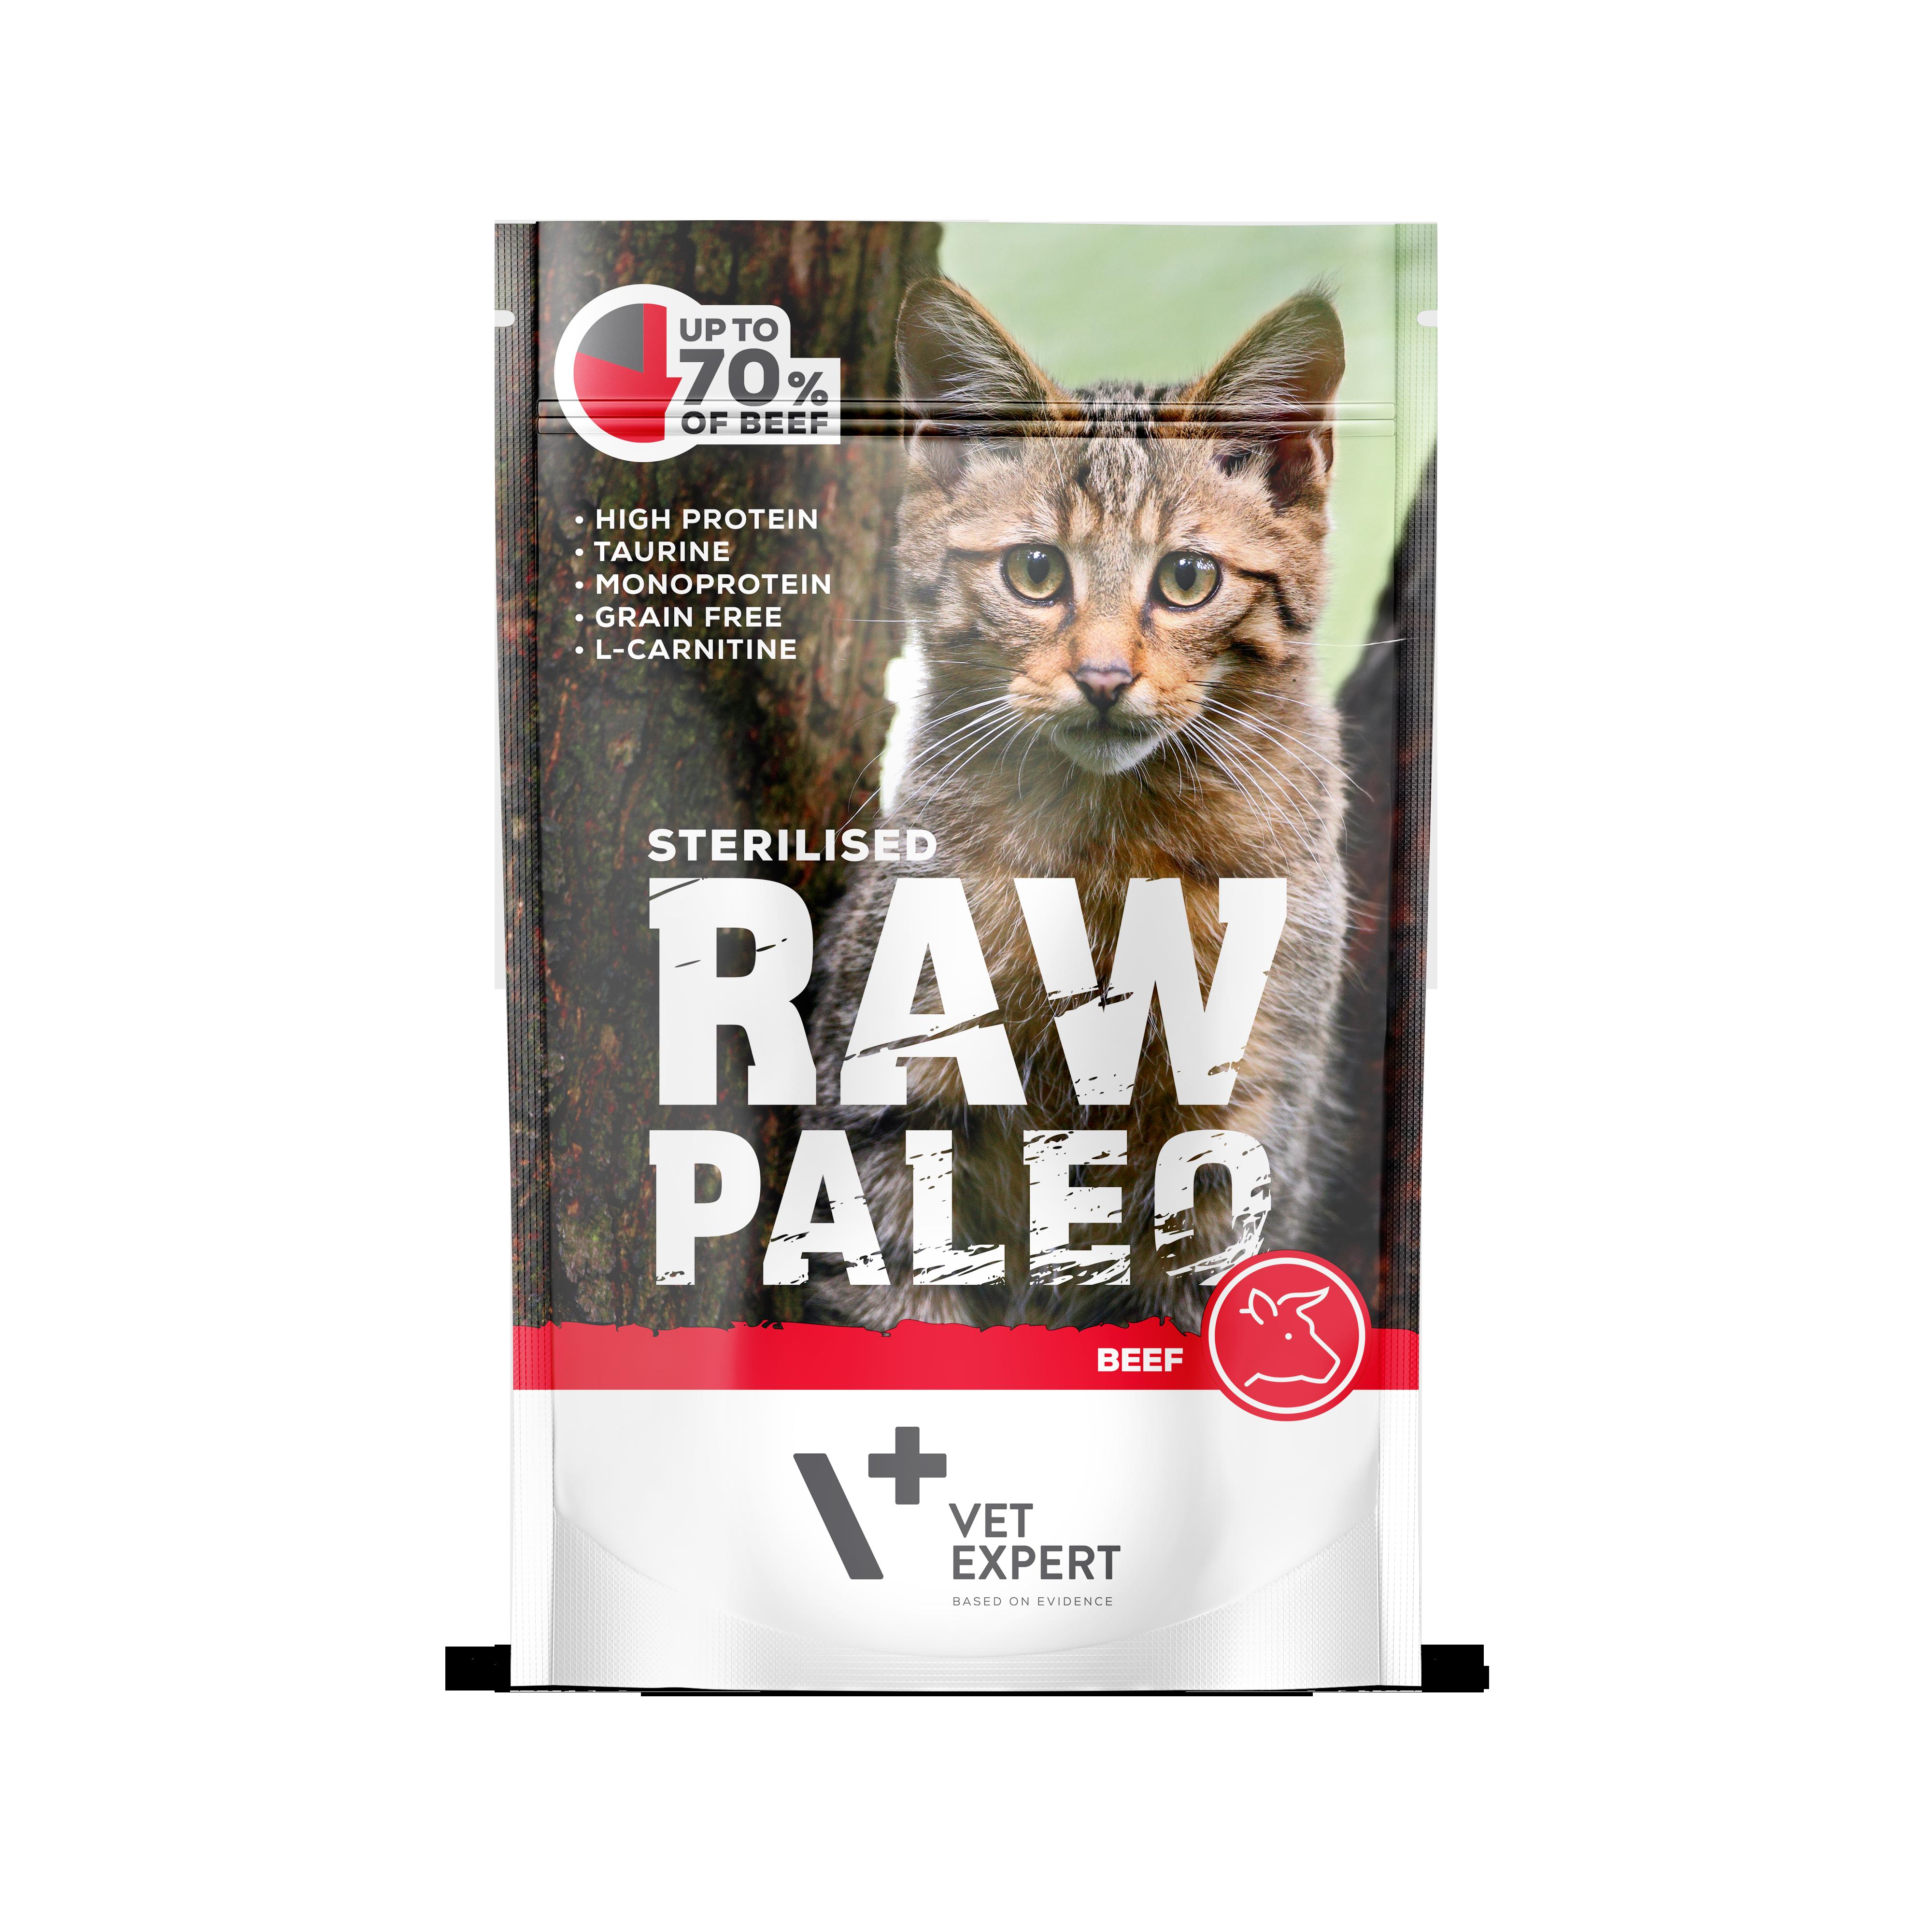 VetExpert Raw Paleo Sterilised Rind - Nassfutter für kastrierte Katzen Premium getreidefreies Katzenfutter, Alleinfuttermittel, Trockenfutter, Nassfutter, Katzenbedarf, Katzennahrung, Katzenernährung